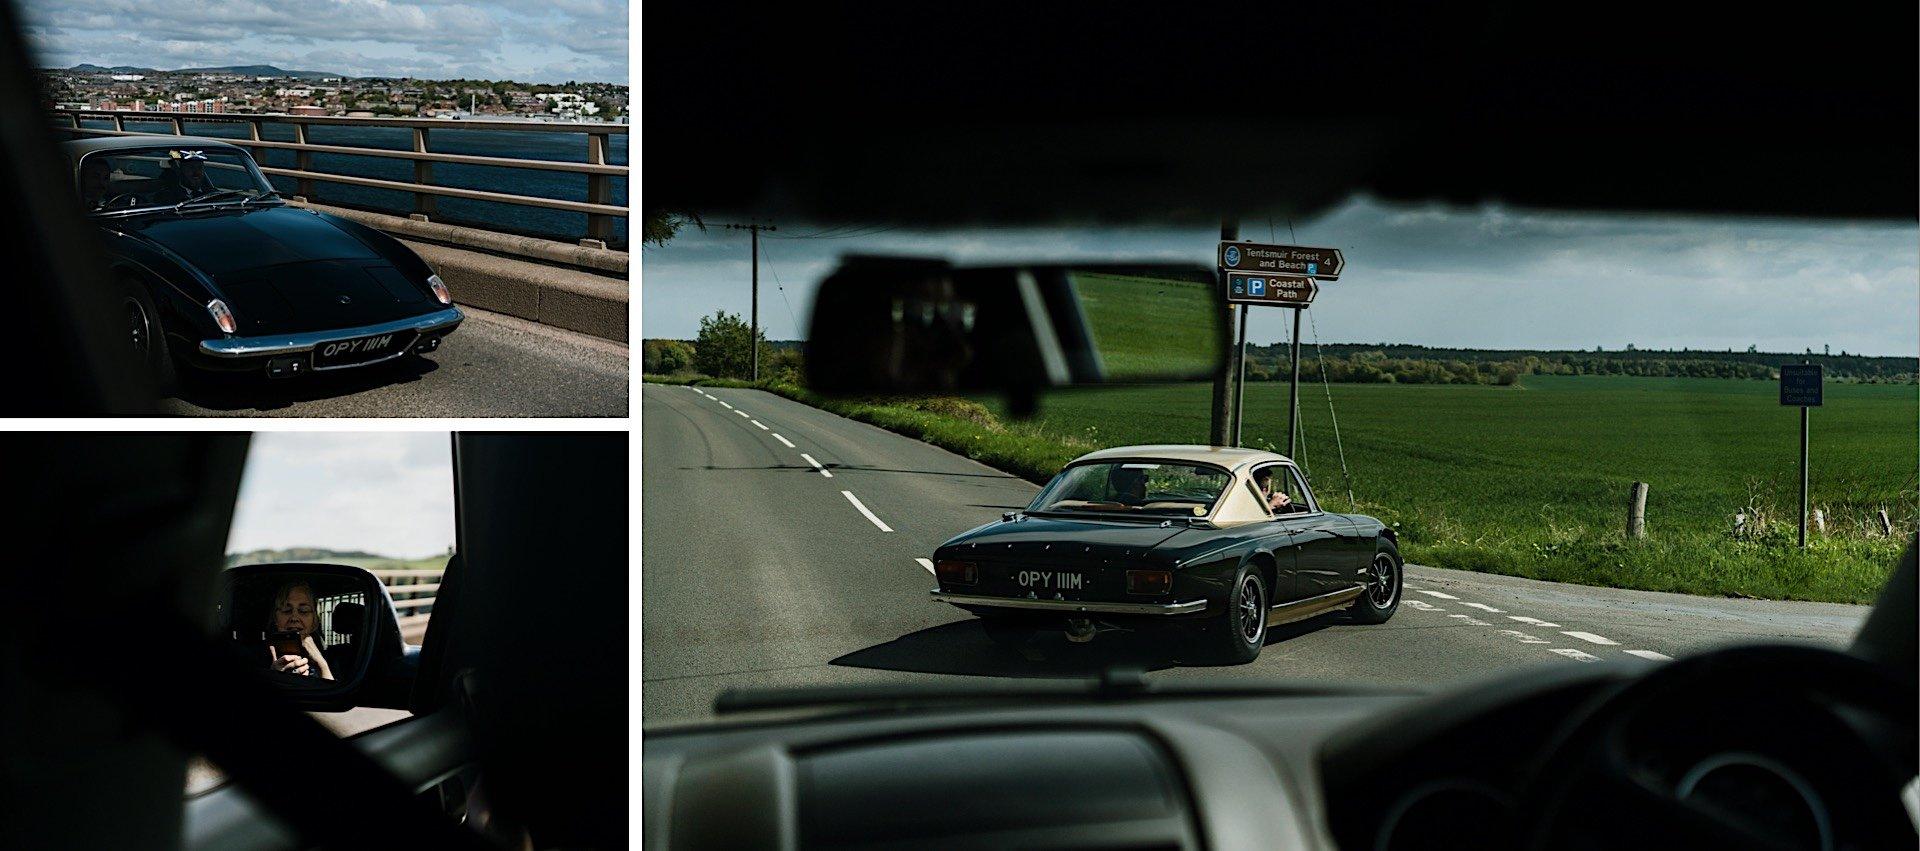 driving on country lane lotus elan in front